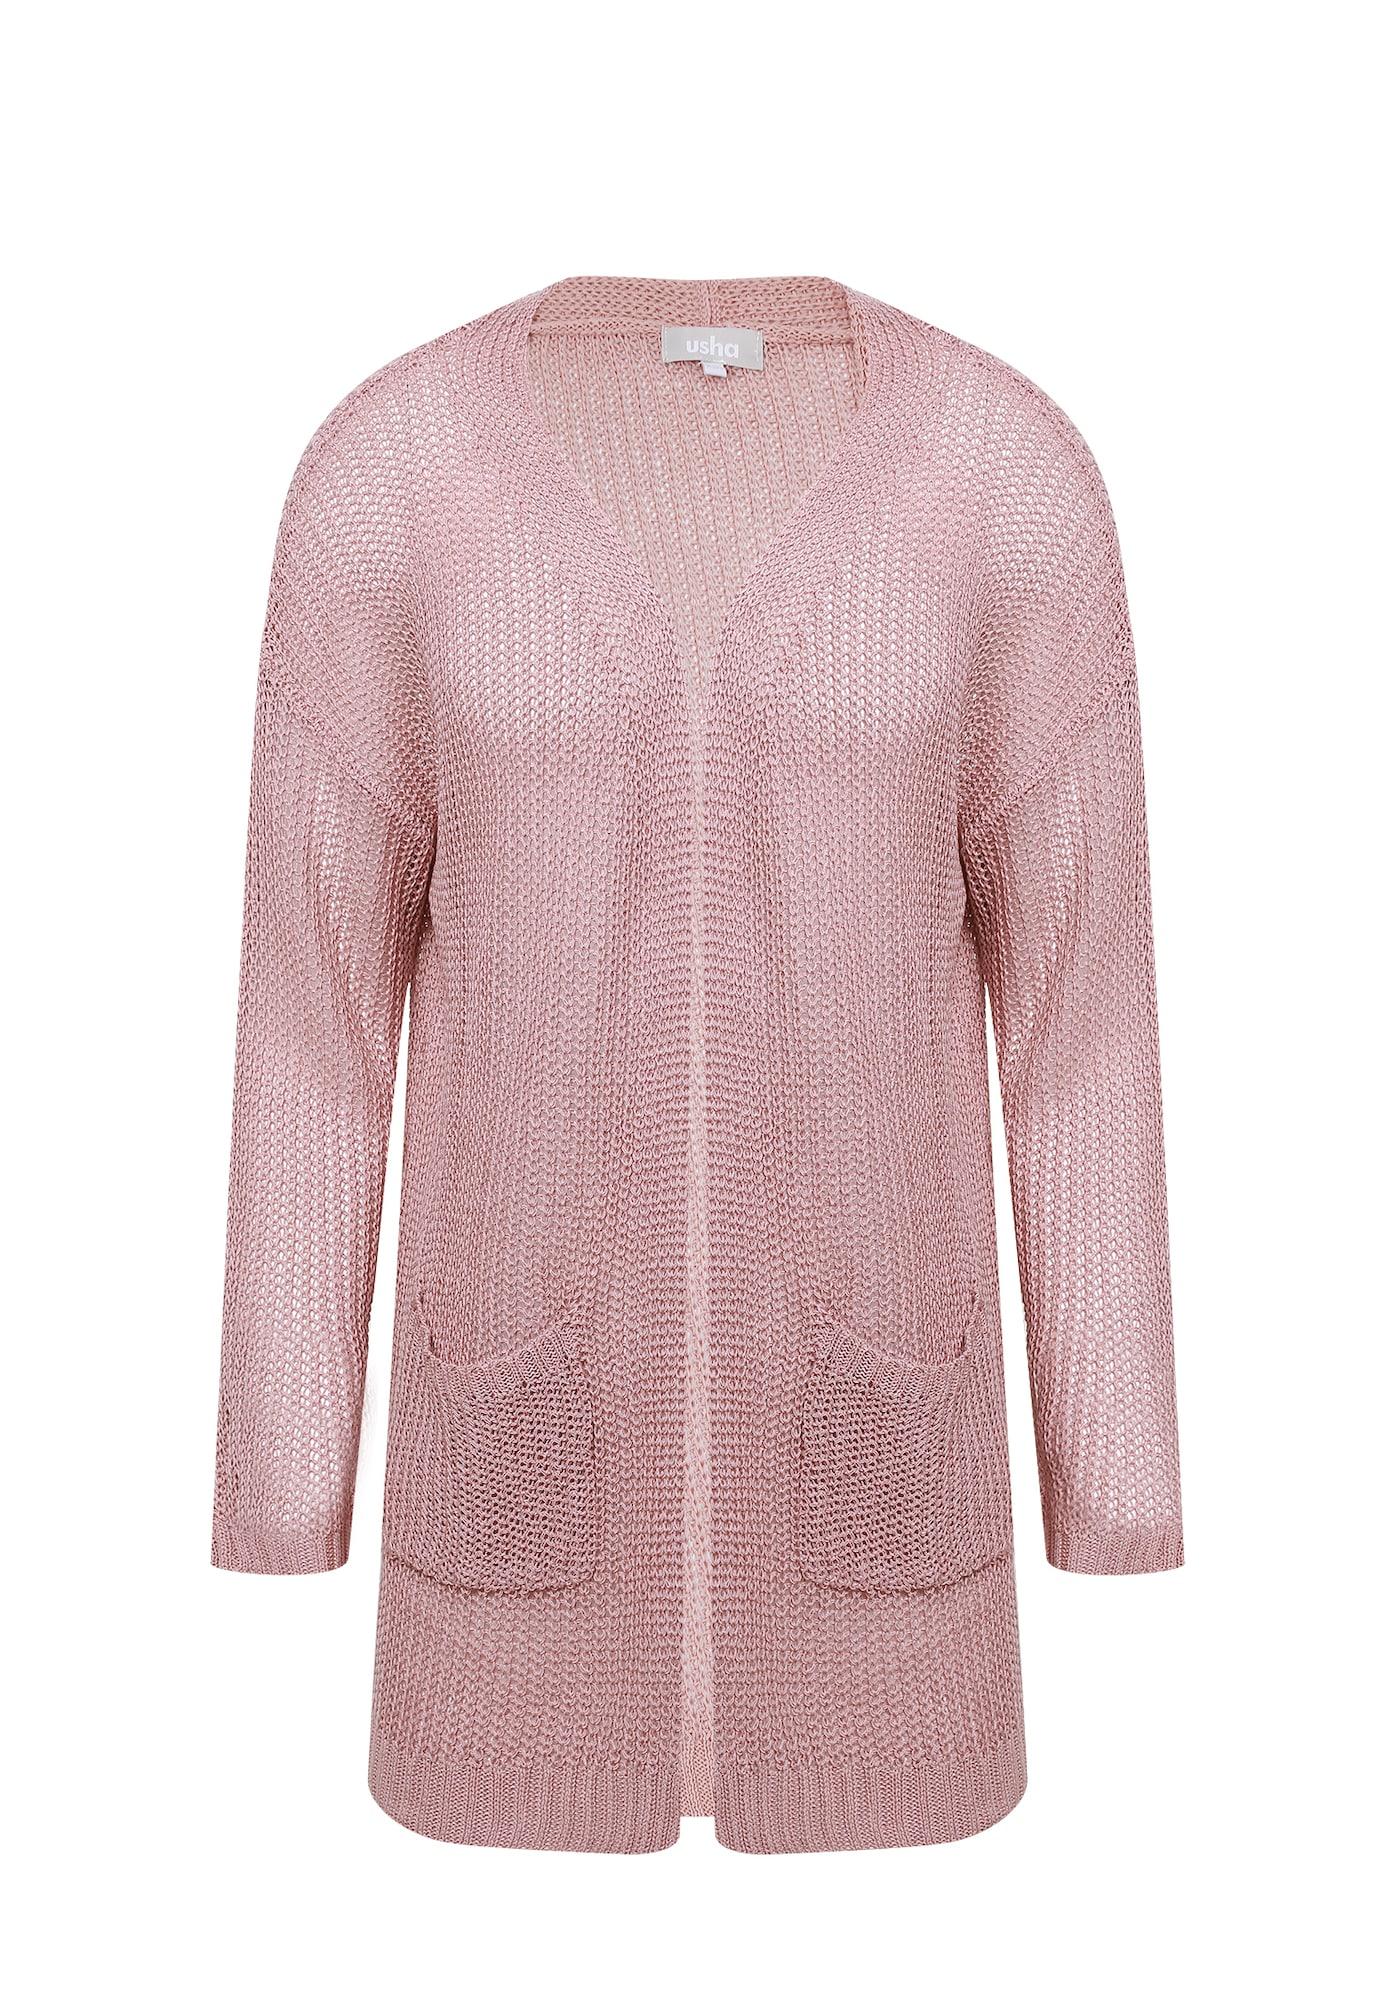 Usha Kardiganas sidabrinė / ryškiai rožinė spalva